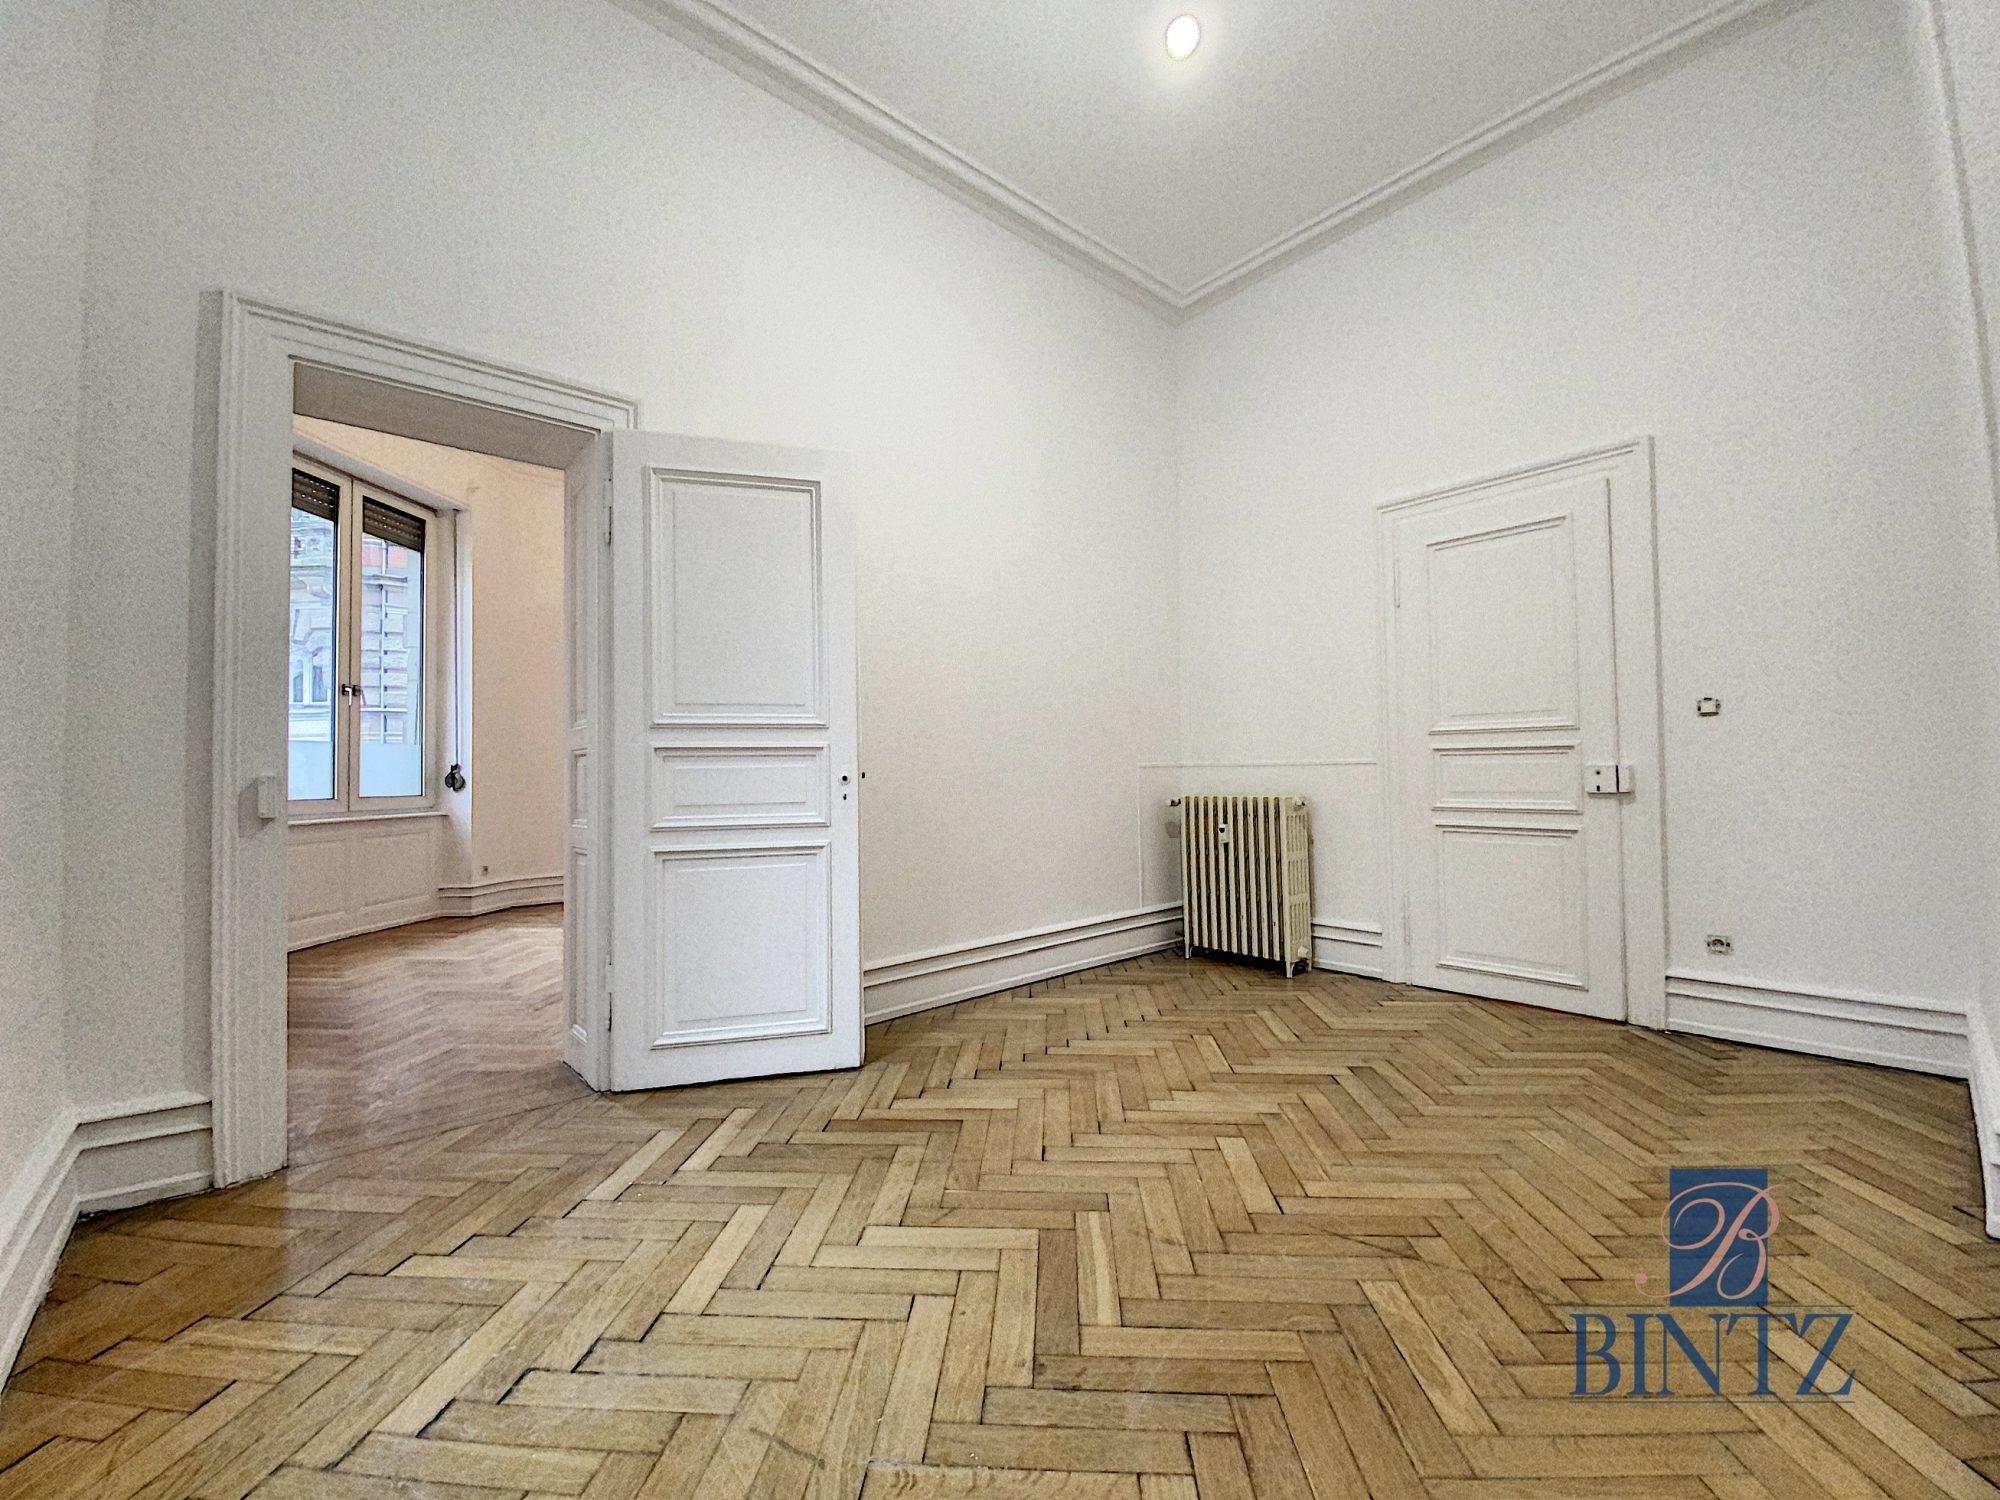 5 pièces rue Wimpheling - Devenez locataire en toute sérénité - Bintz Immobilier - 17